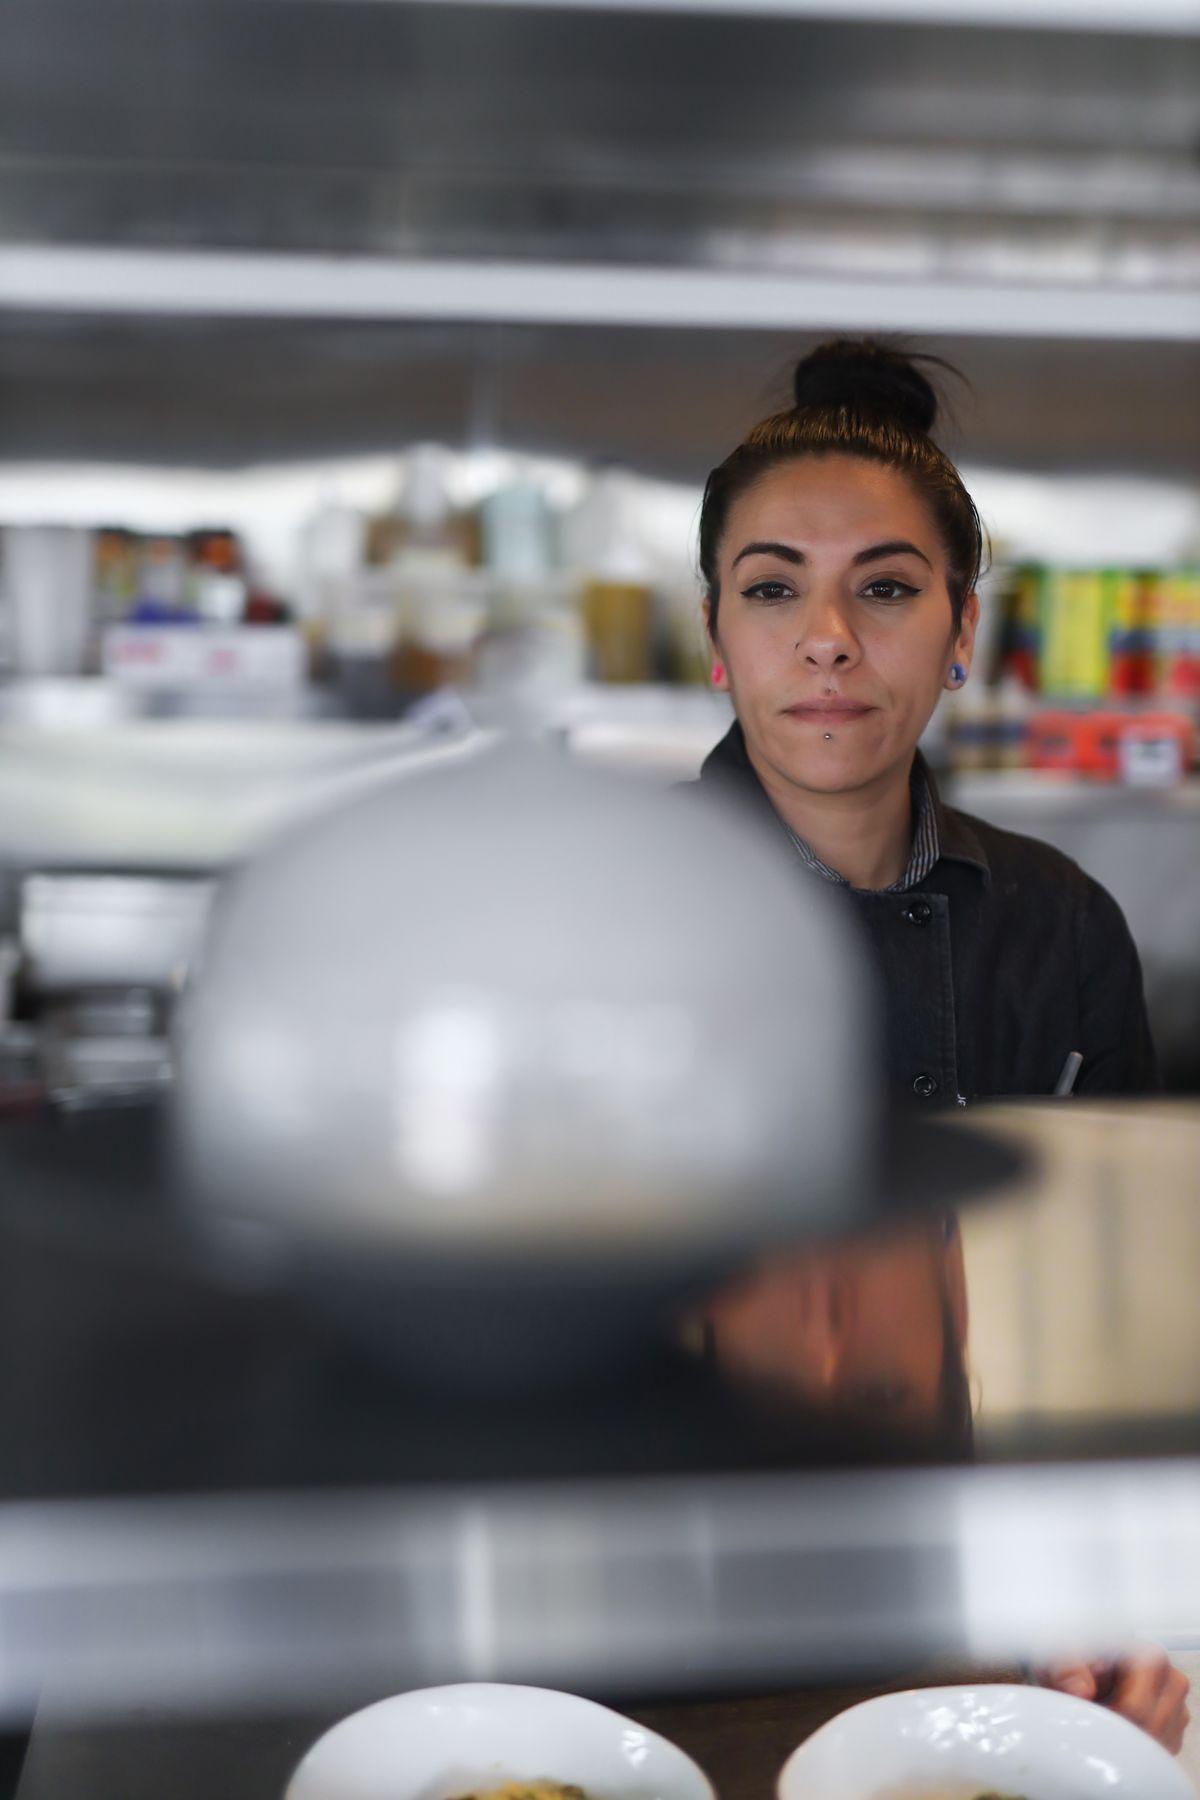 Chef Daniela Martinez stands in the kitchen at Semola in La Jolla